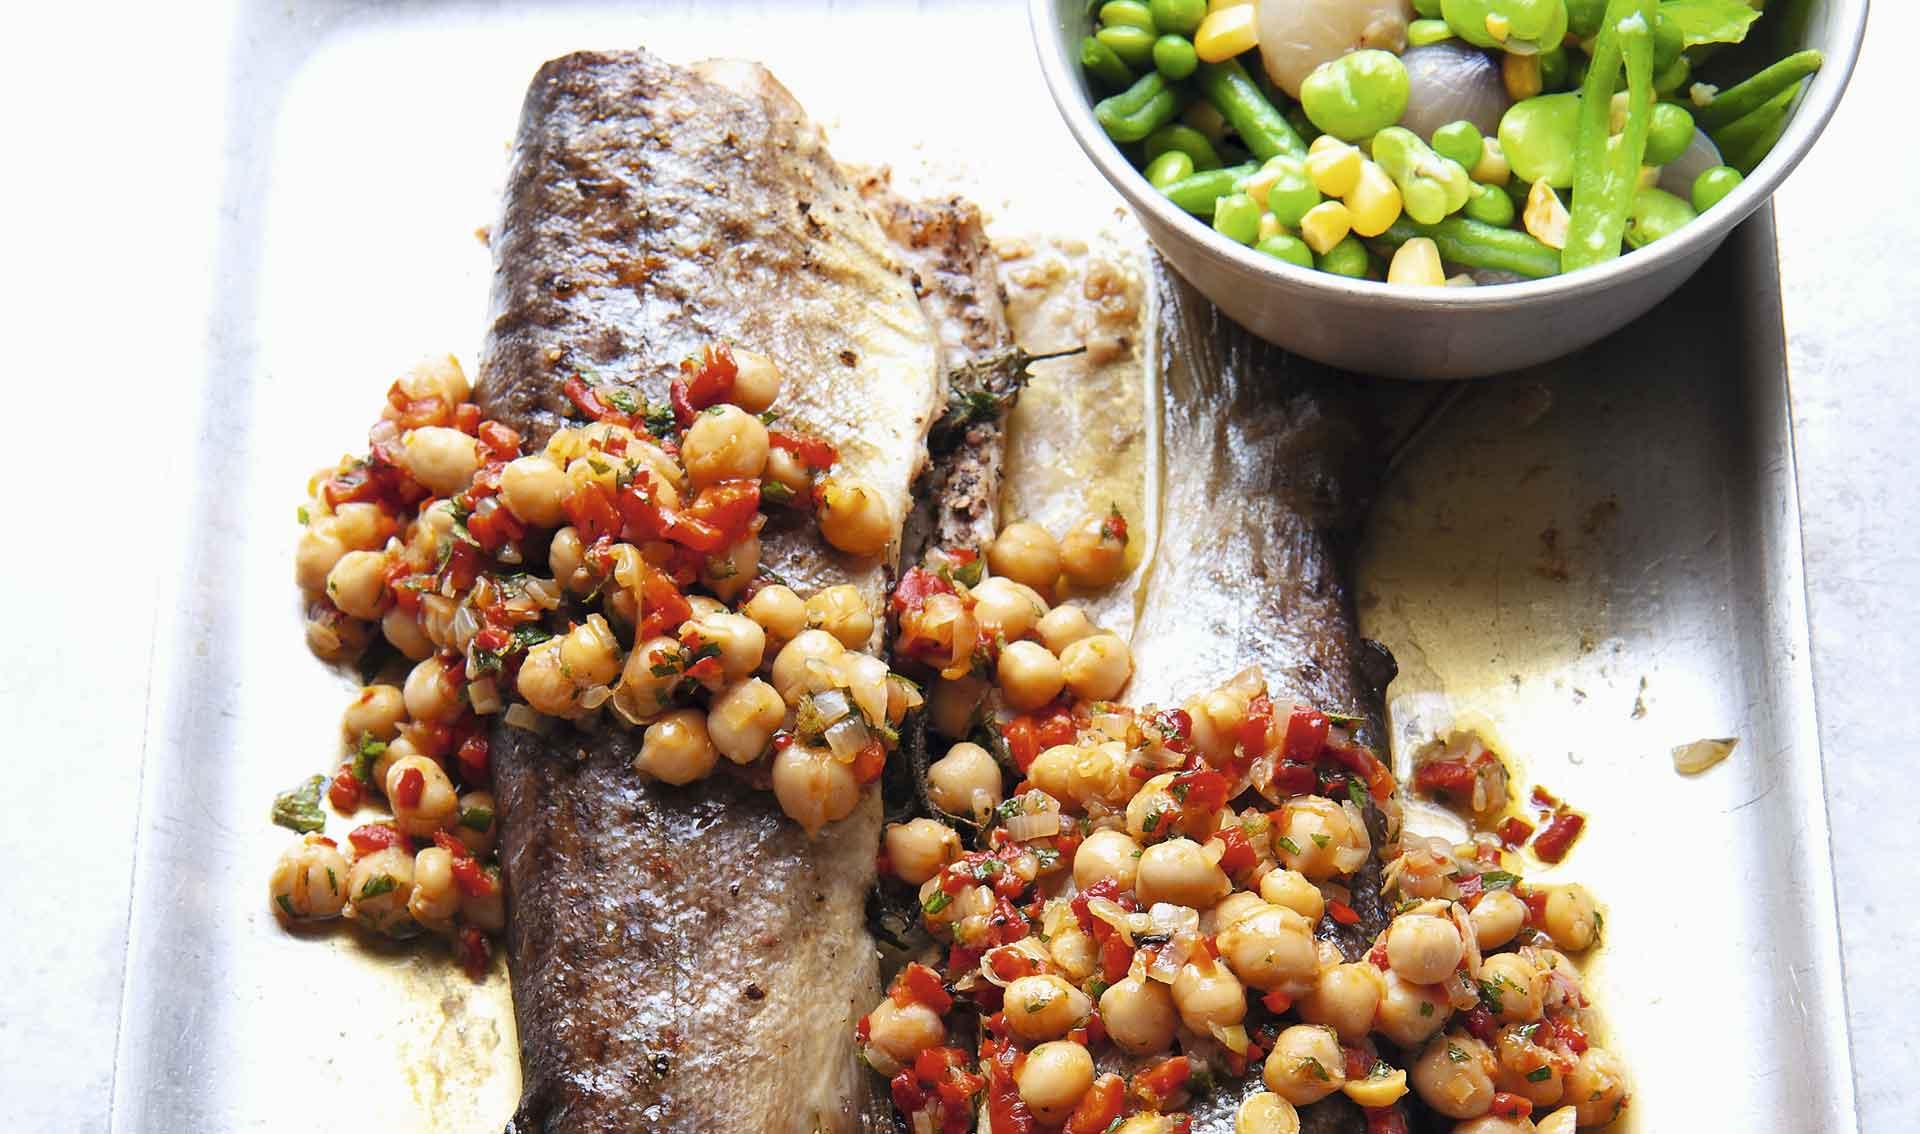 Receta de filetes de trucha de mar con puré de papa y rábano picante